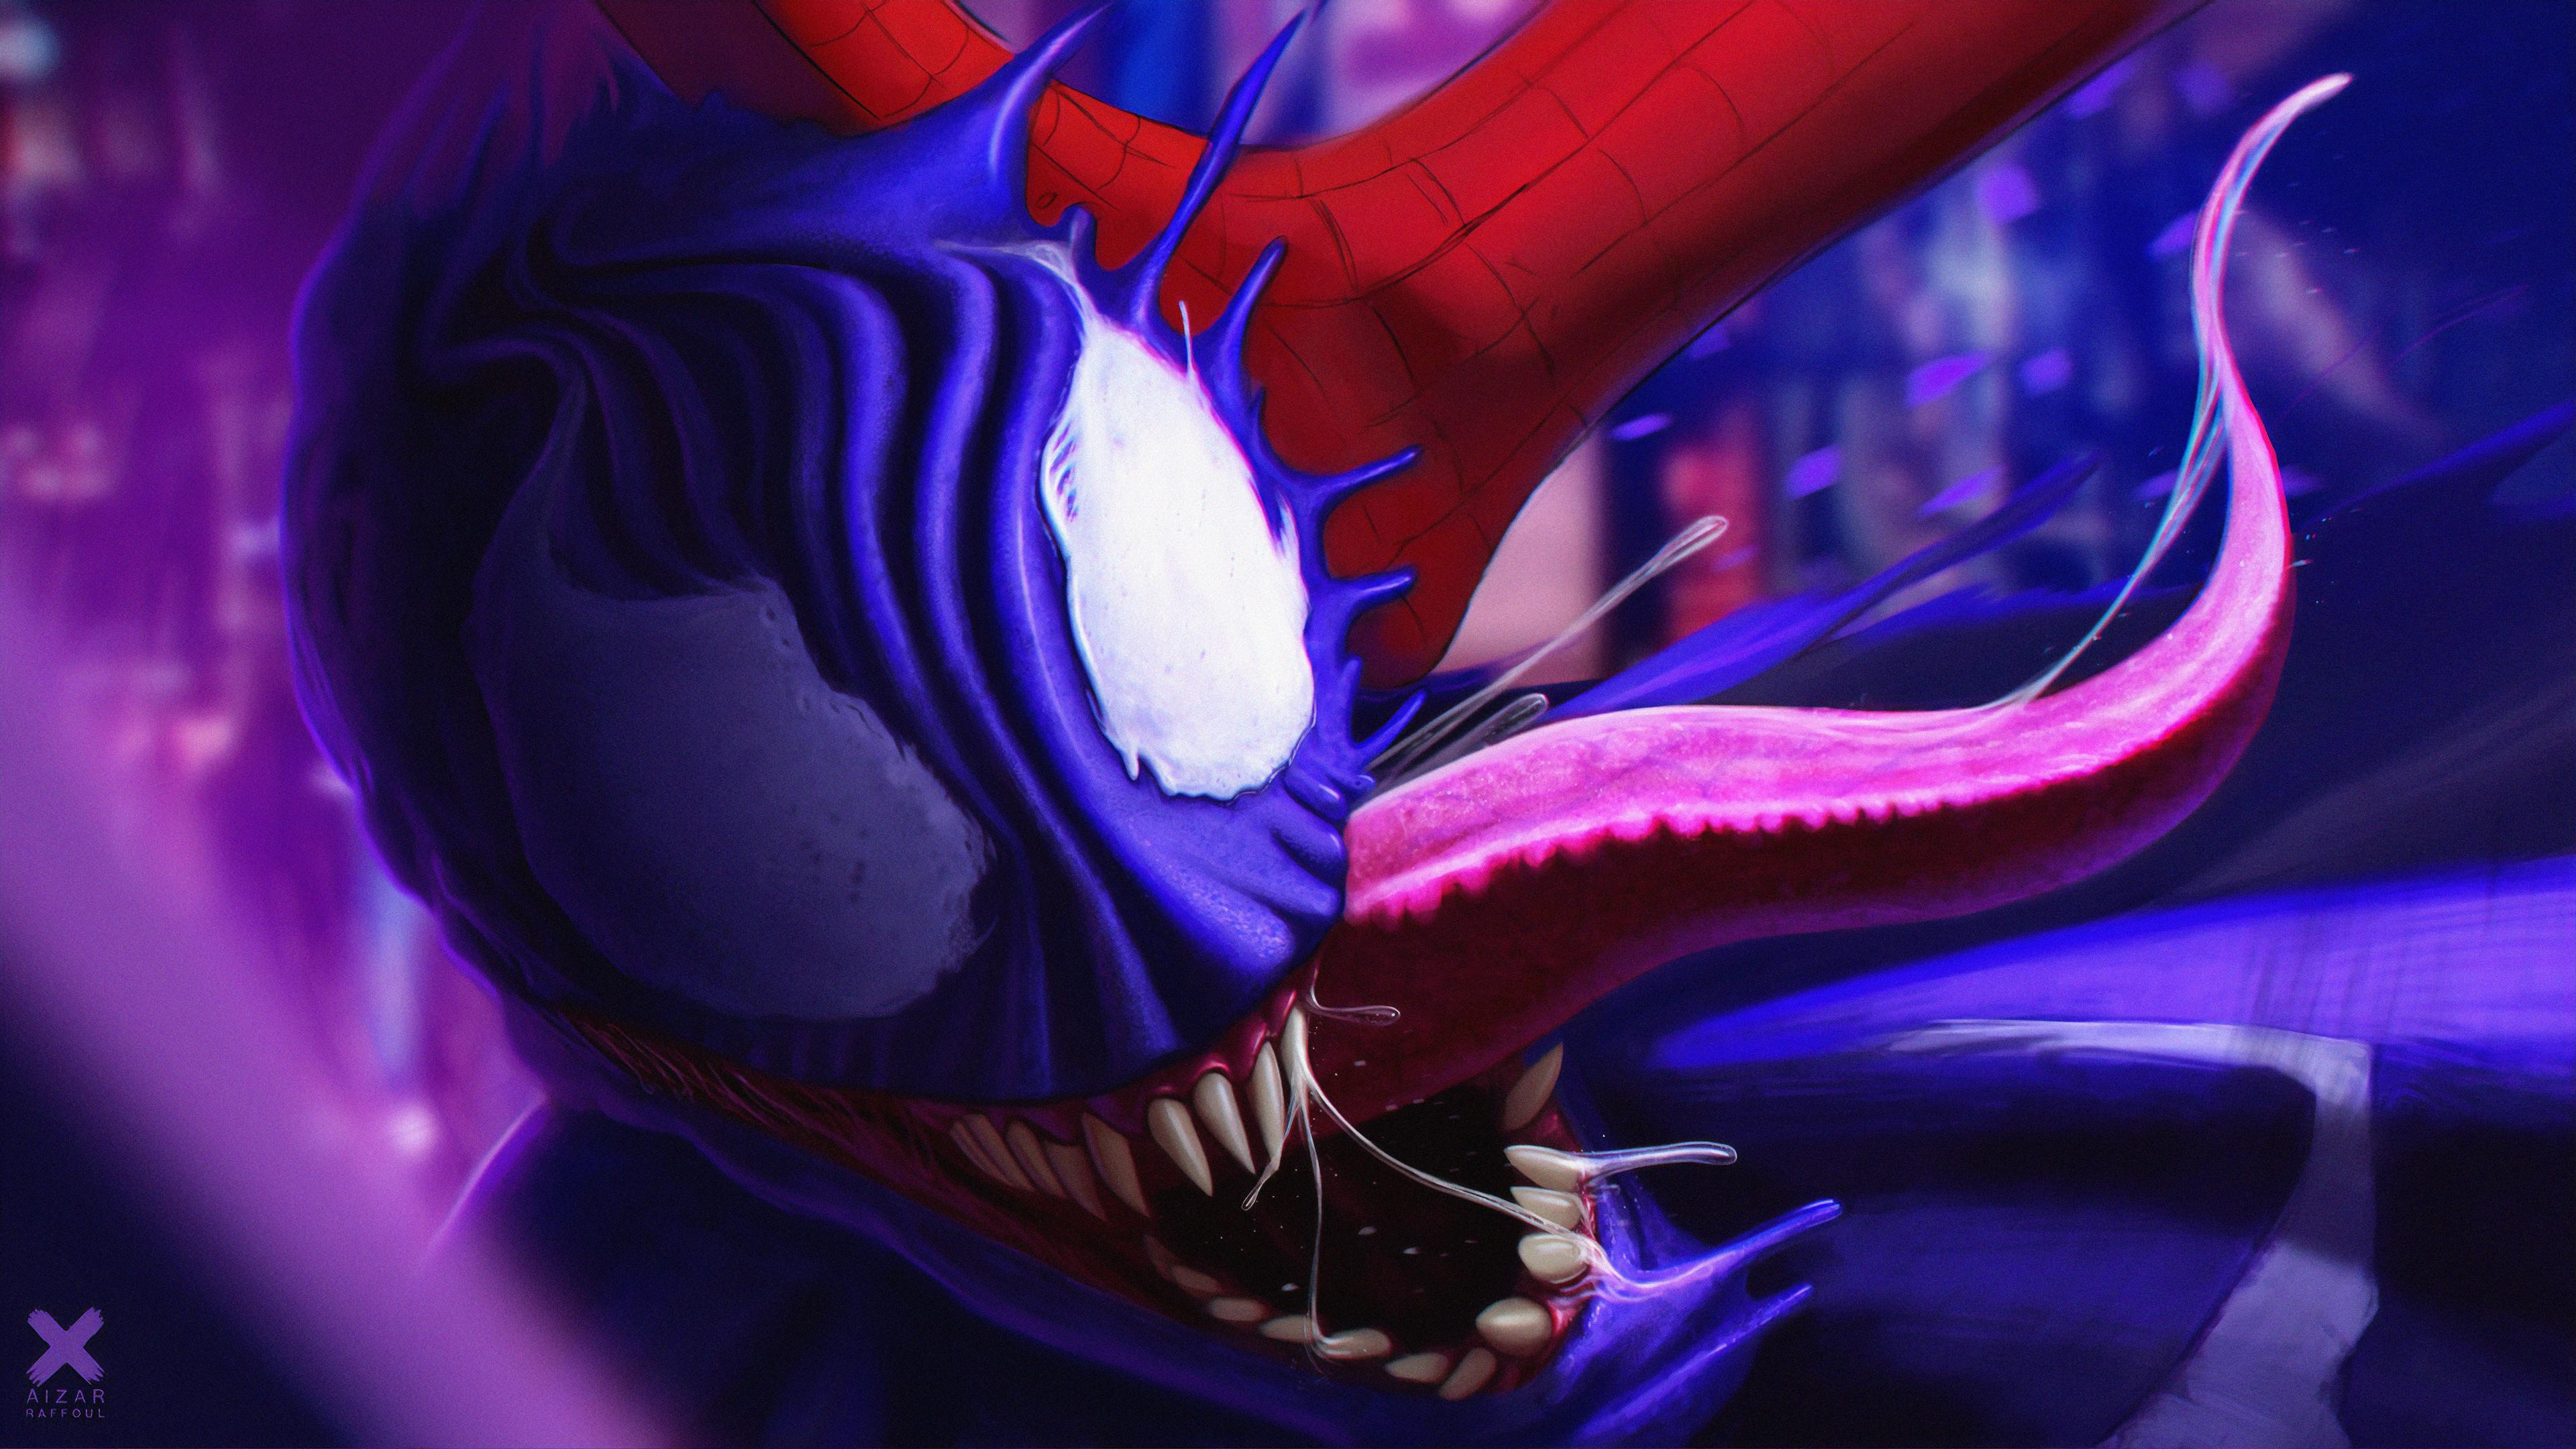 venom gets beat up 1563220382 - Venom Gets Beat Up - Venom wallpapers, superheroes wallpapers, hd-wallpapers, digital art wallpapers, artwork wallpapers, artstation wallpapers, 4k-wallpapers